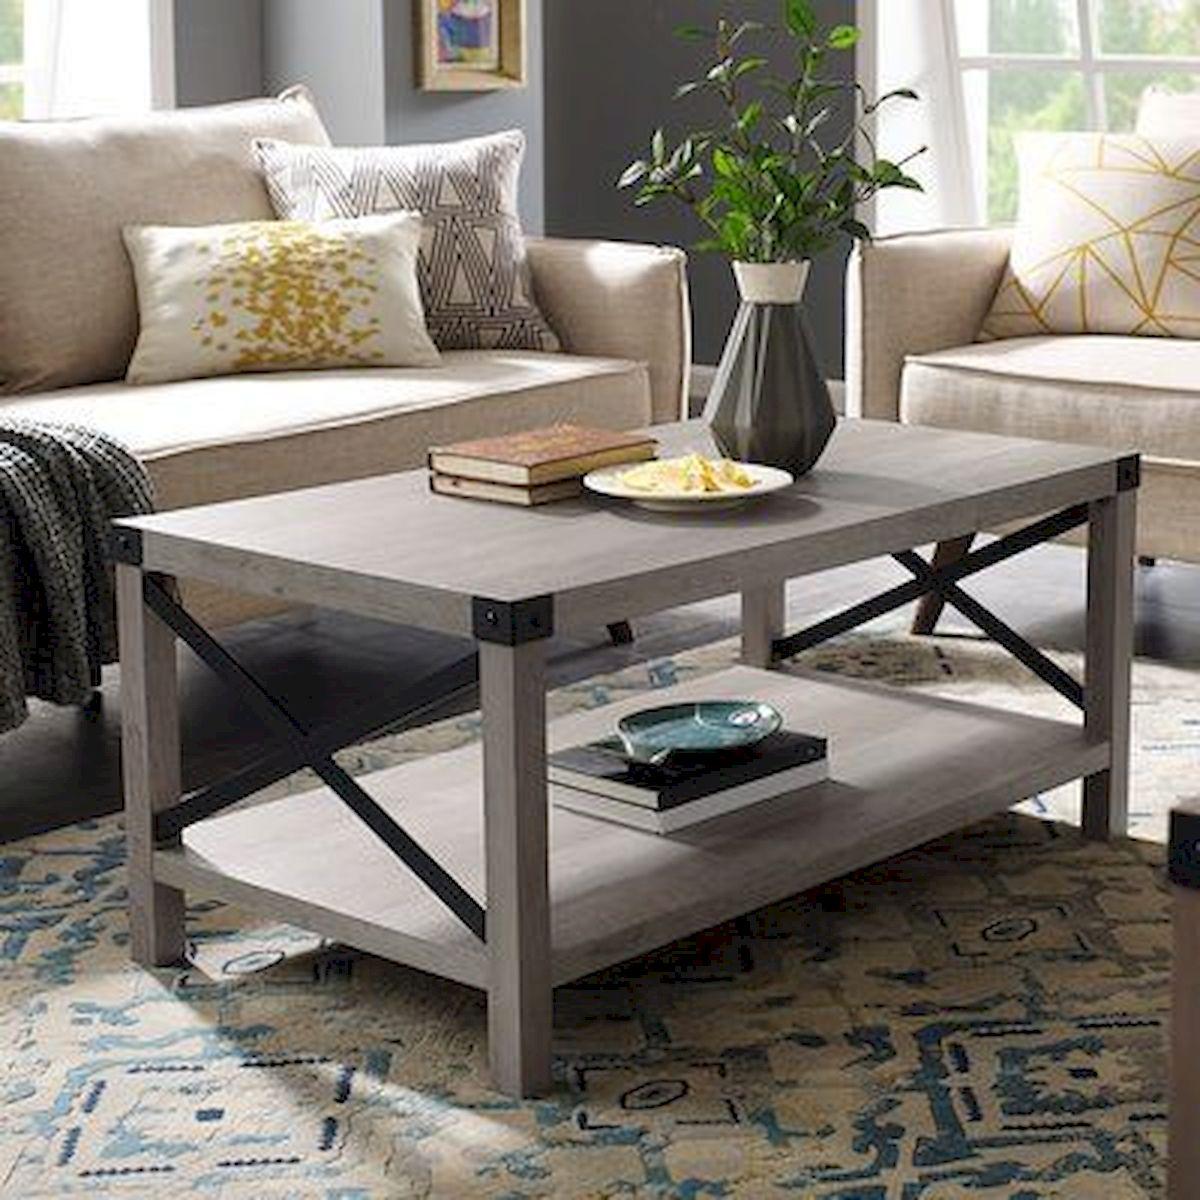 50 Cozy Farmhouse Living Room Design and Decor Ideas (19)